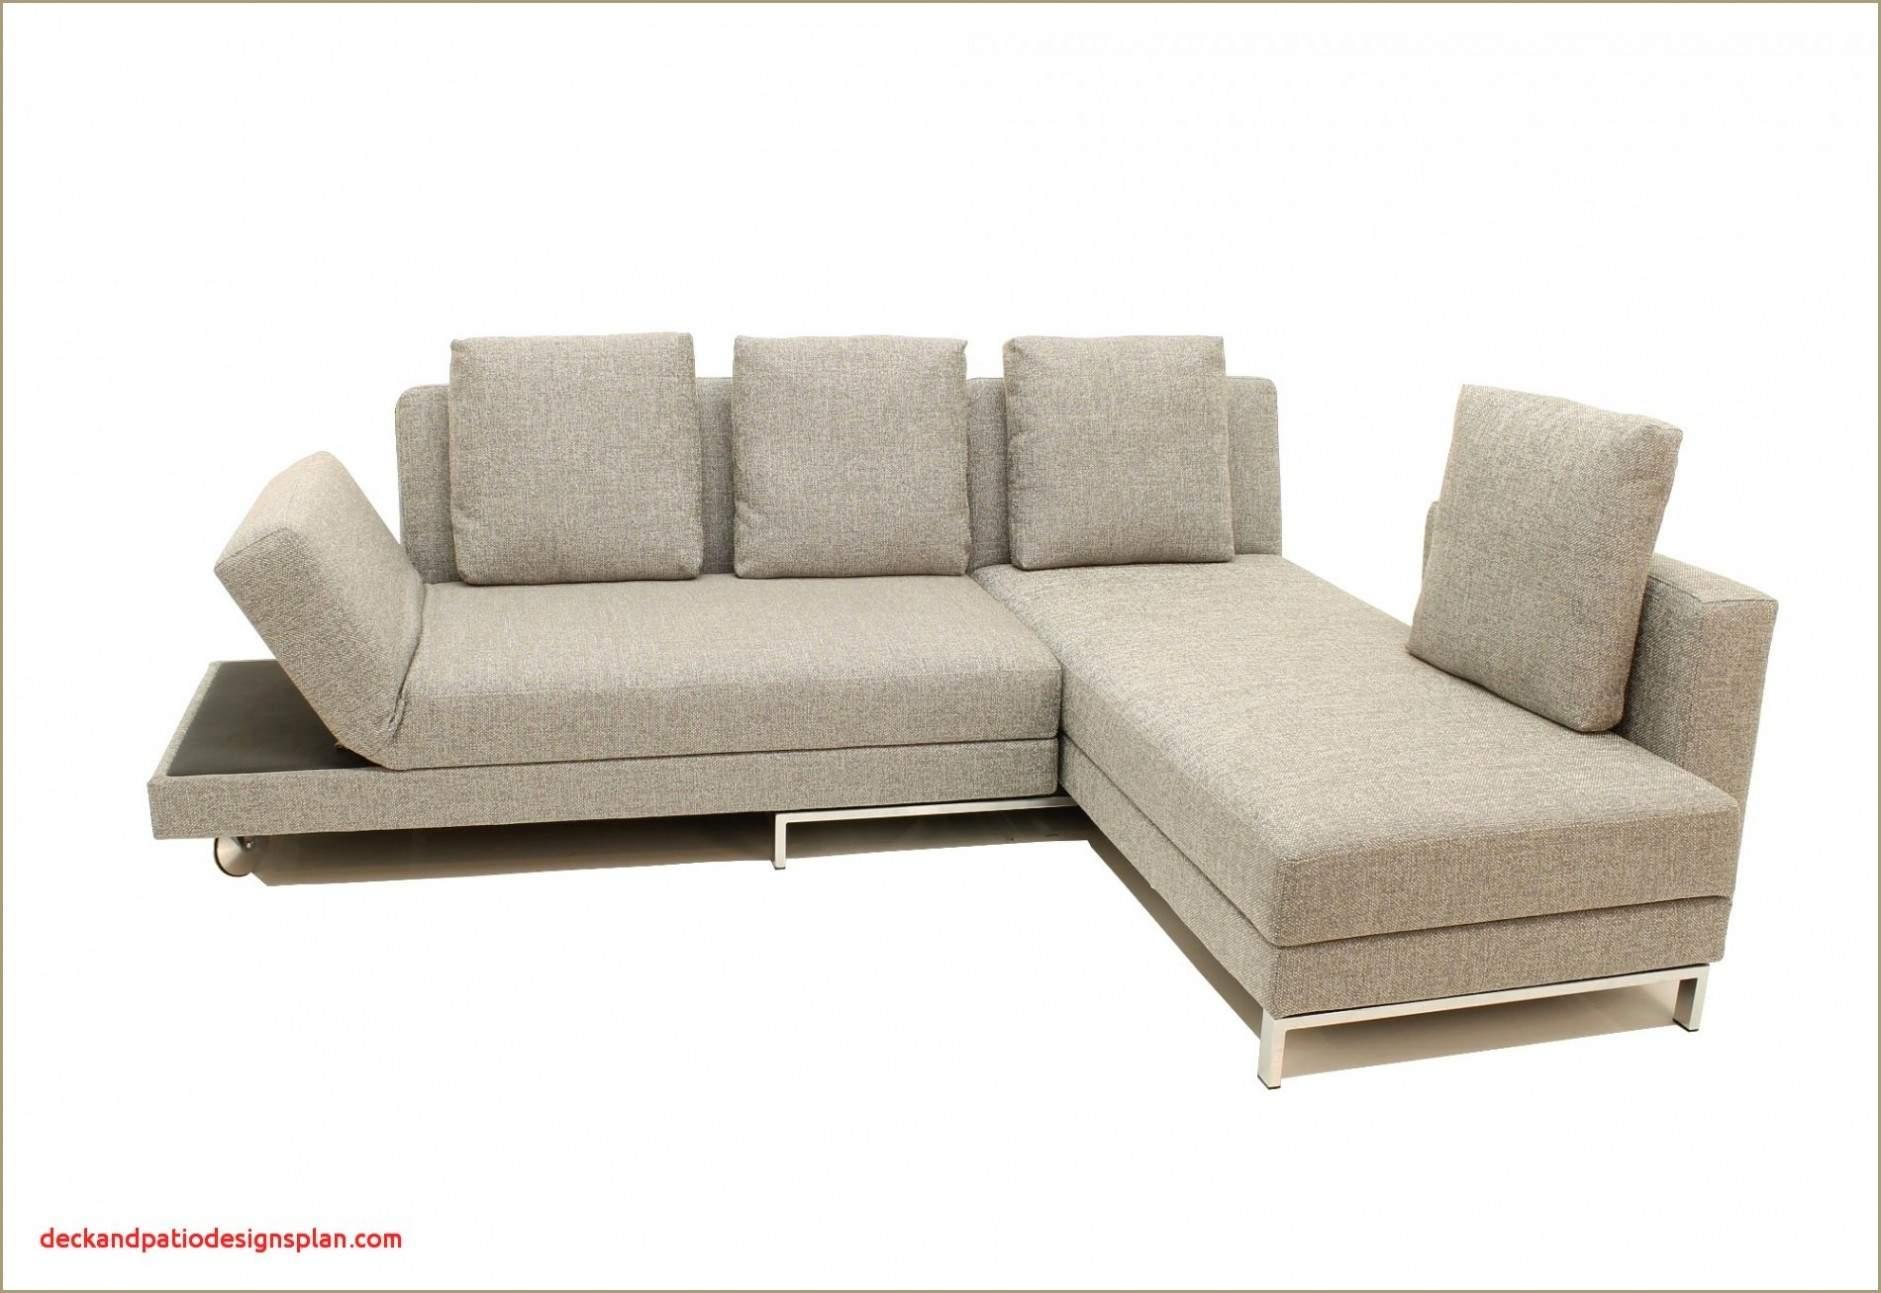 Full Size of Wohnzimmer Couch Gnstig Das Beste Von 33 Angenehm Trends Xxl Bett Kaufen Günstig Sofa Mit Relaxfunktion Komplett Schlafzimmer Federkern Hocker Indomo Ecksofa Sofa Günstig Sofa Kaufen